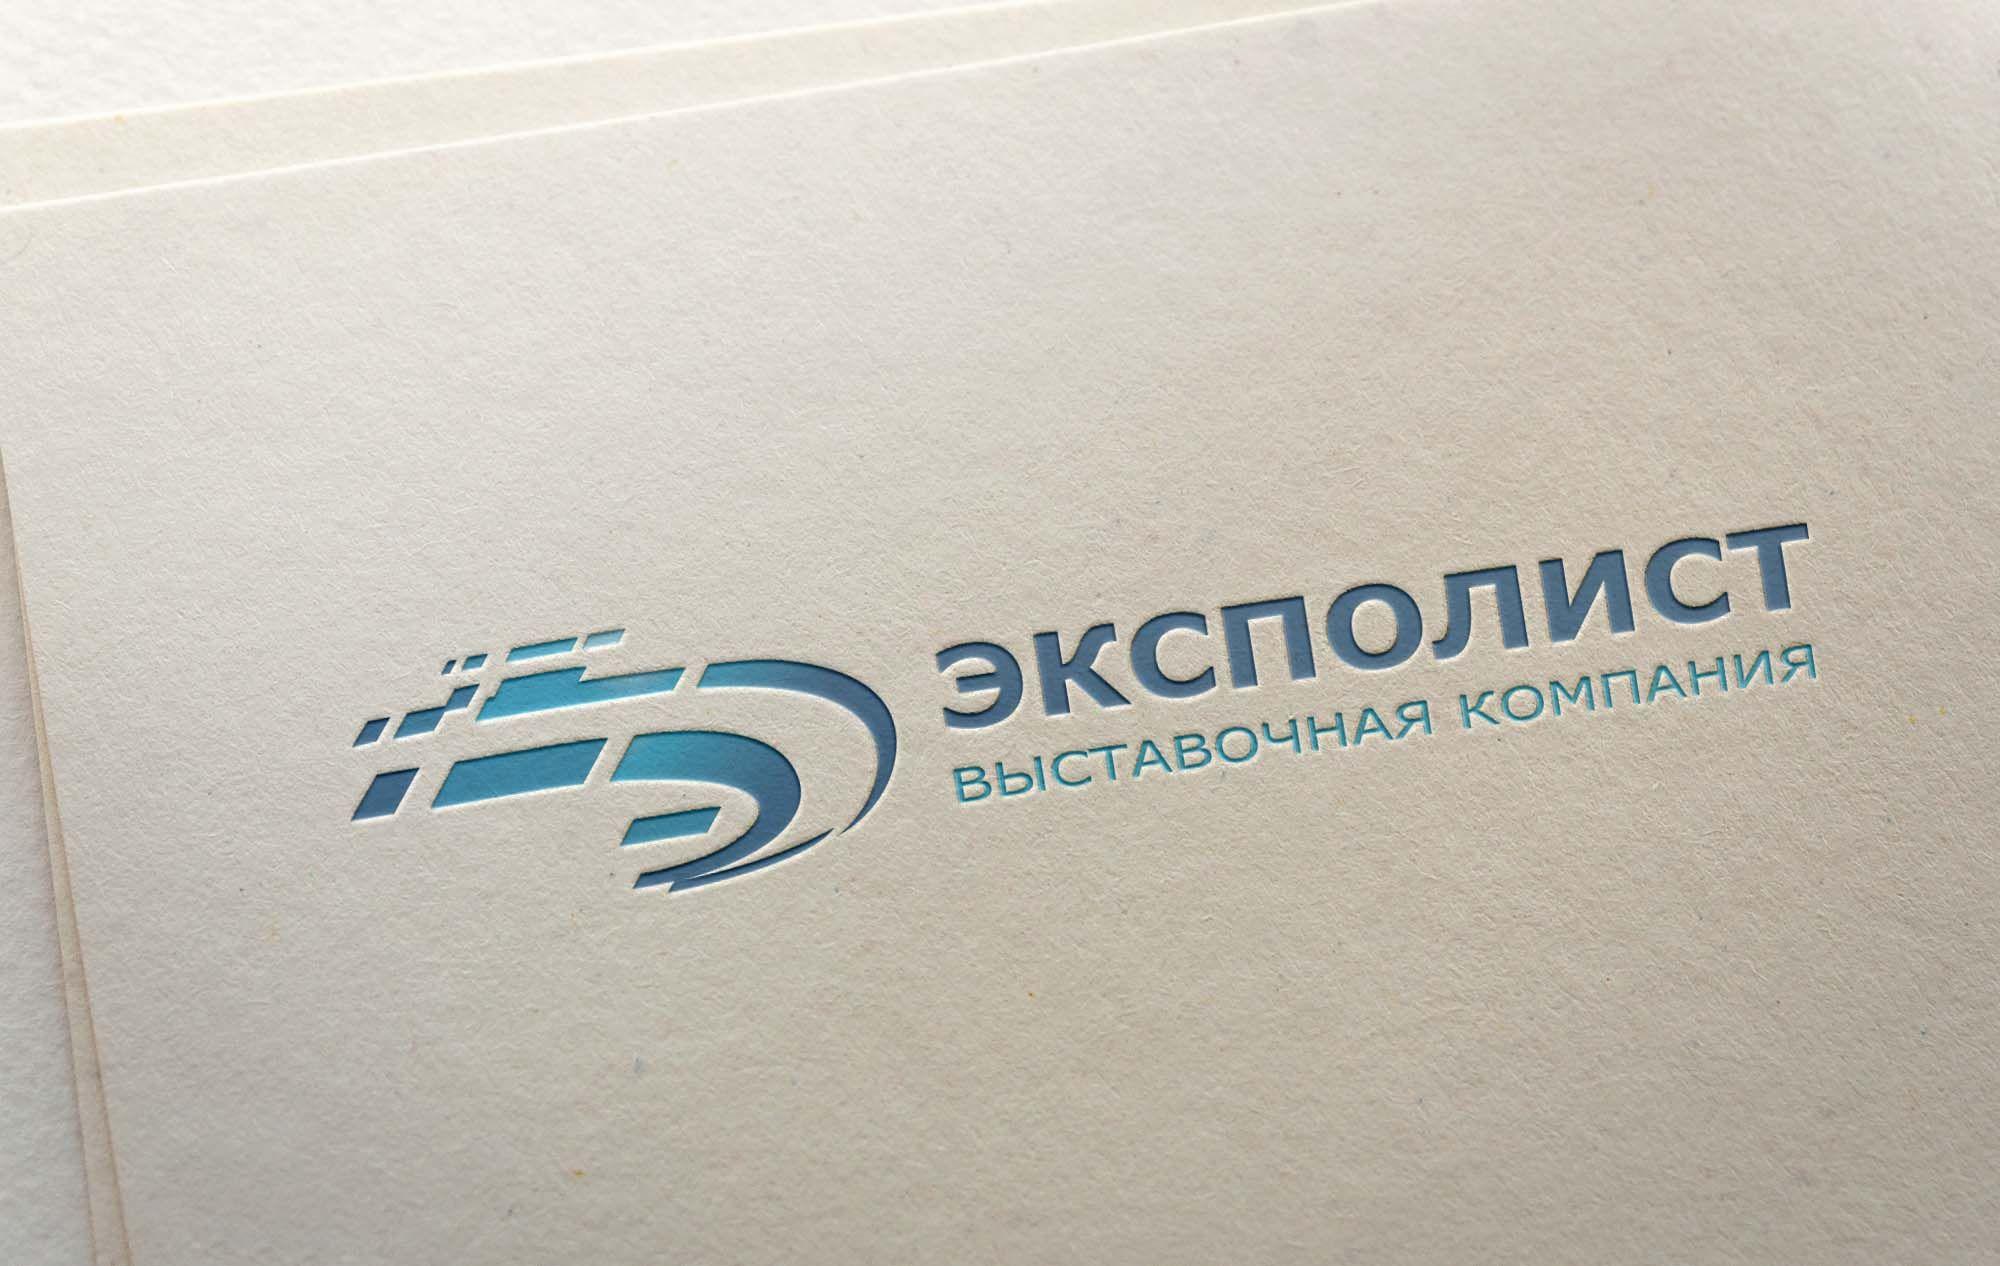 Логотип выставочной компании Эксполист - дизайнер yackoff